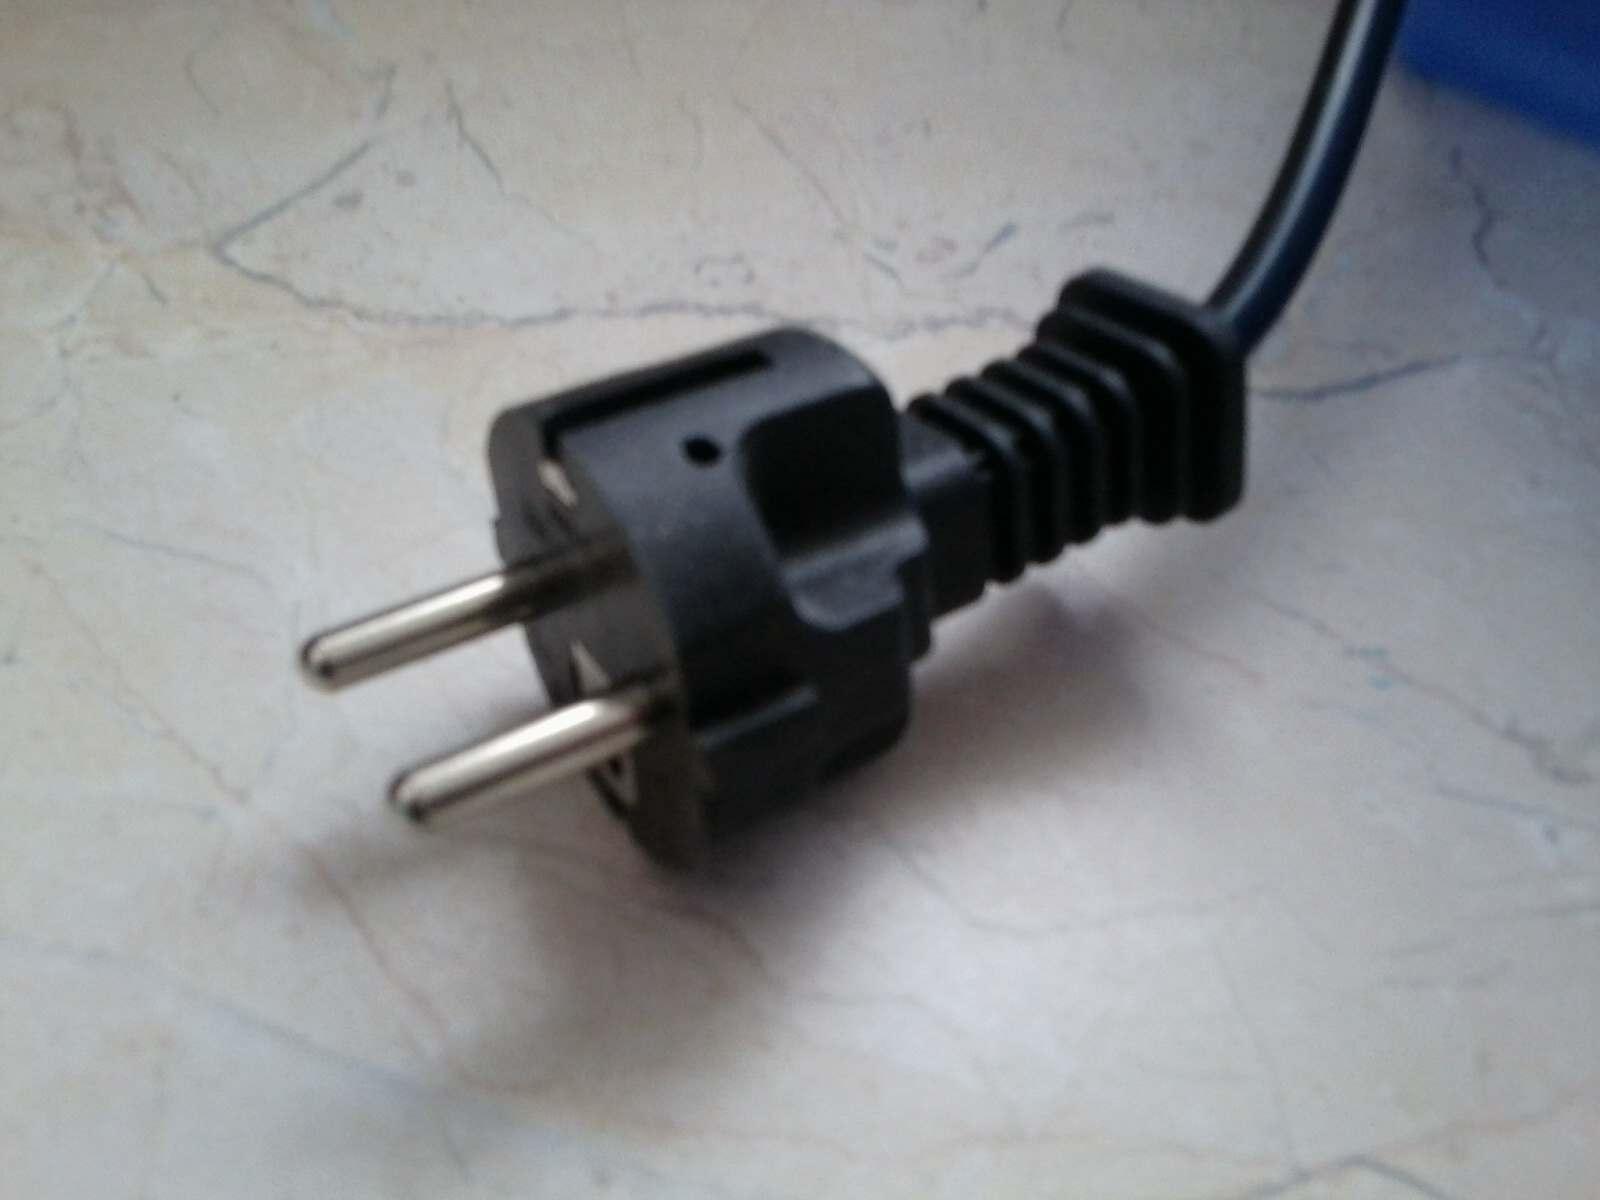 Frage an Elektriker: Stecker und Kabel (Haushalt)